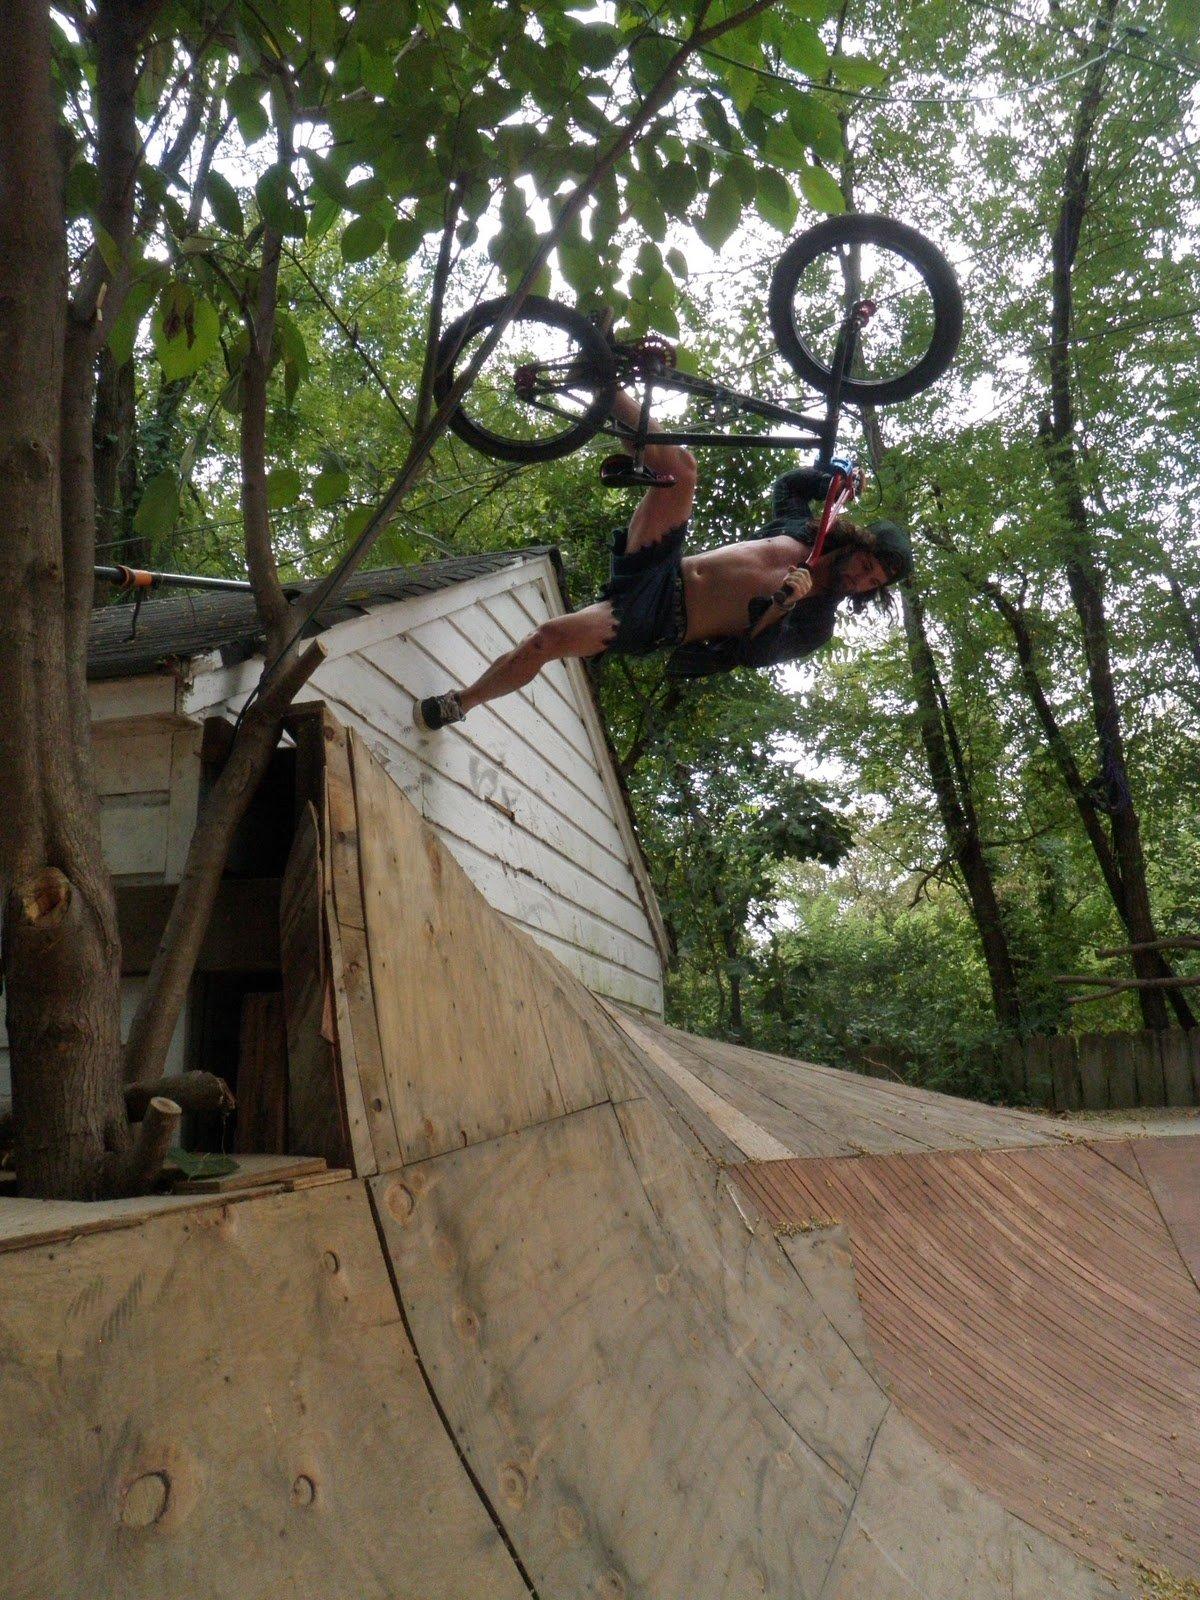 Bmx Dirt Jumps Backyard - Bmx United